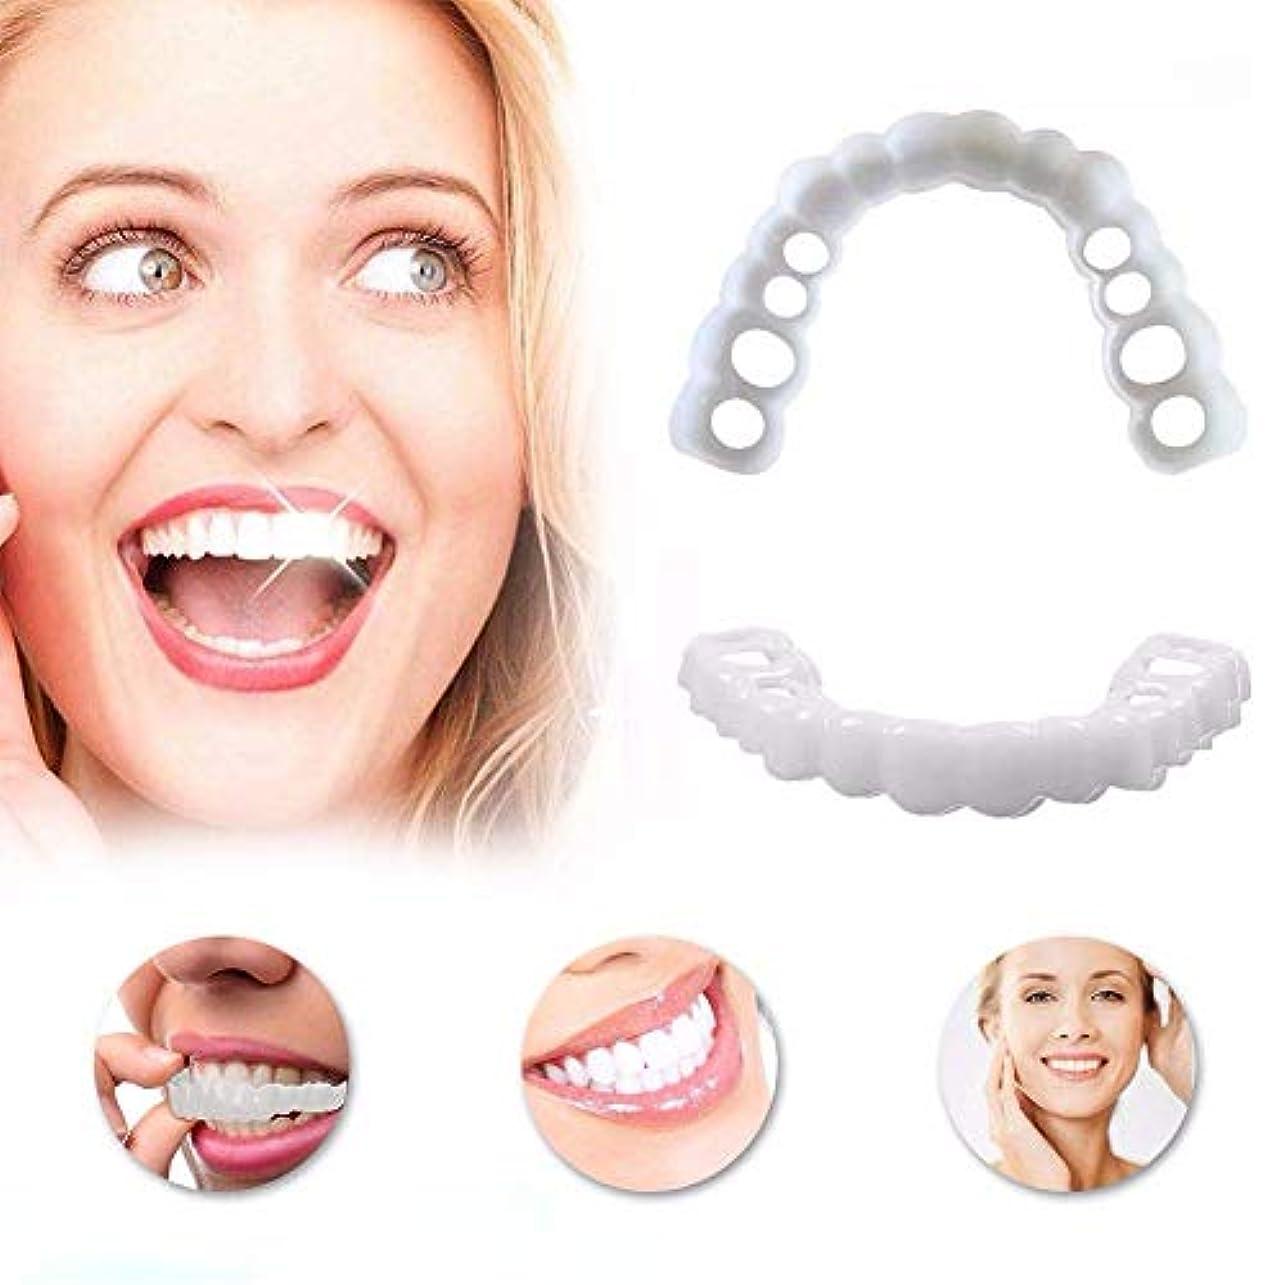 称賛にはまってオプショナルインスタントパーフェクトスマイルコンフォートフィットするFlex歯ベニア3Pairアッパー歯+下の歯のホワイトニングスーツの化粧品スナップ